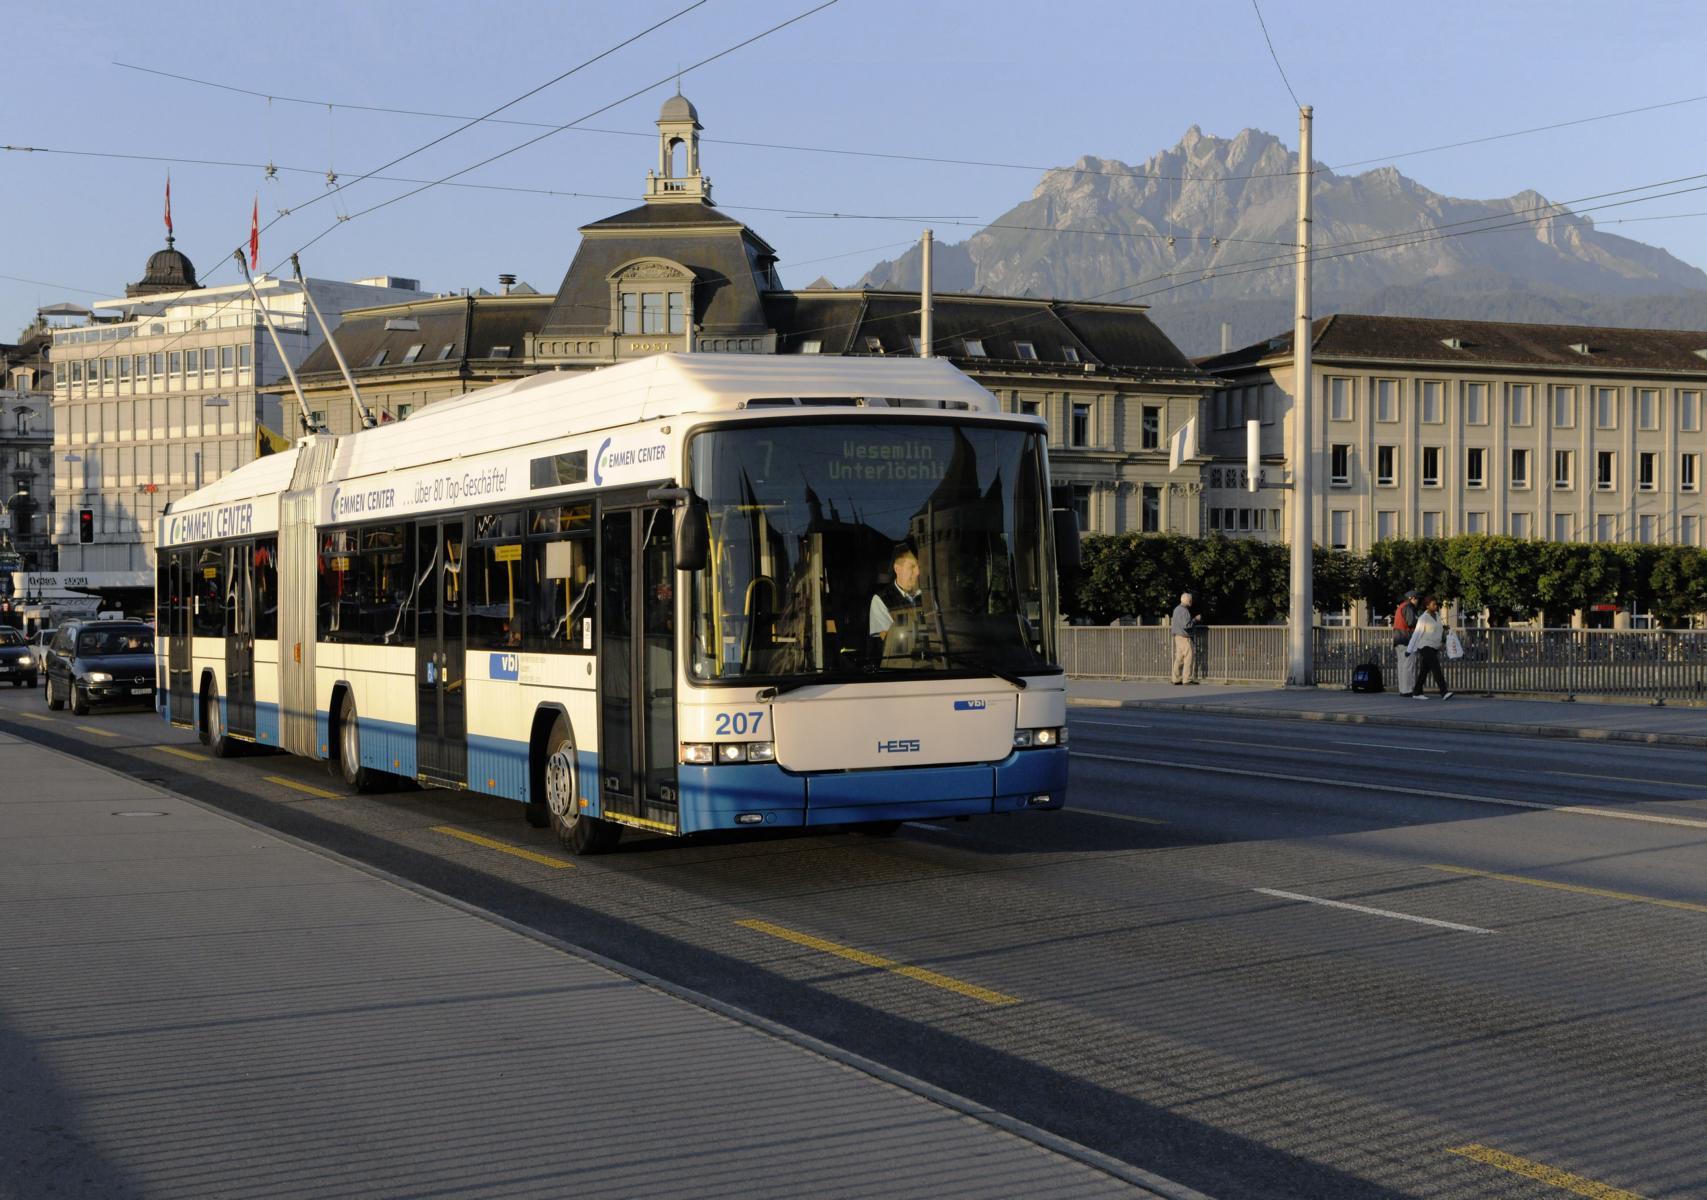 Content Formats Multimedia VBL Busordnung: Ein VBL-Bus mit der Farbe Blau uns weiss in Luzern, Schweiz. Die VBL Fahrgäste der Verkehrsbetriebe Luzern sollen an die wichtigen Verhaltensregeln im Bus aufmerksam und erinnert werden. PRtools hat die Aufgabe die Verhaltensregeln zu kommunizieren. Mit den Medien Traffic Media Screen, Website, Facebook und Fernsehen erstellt die PRtools GmbH einen Animationsfilm welcher im Bus und auf verschiedenen Kanälen gezeigt werden kann, online Promotion und online Marketing.